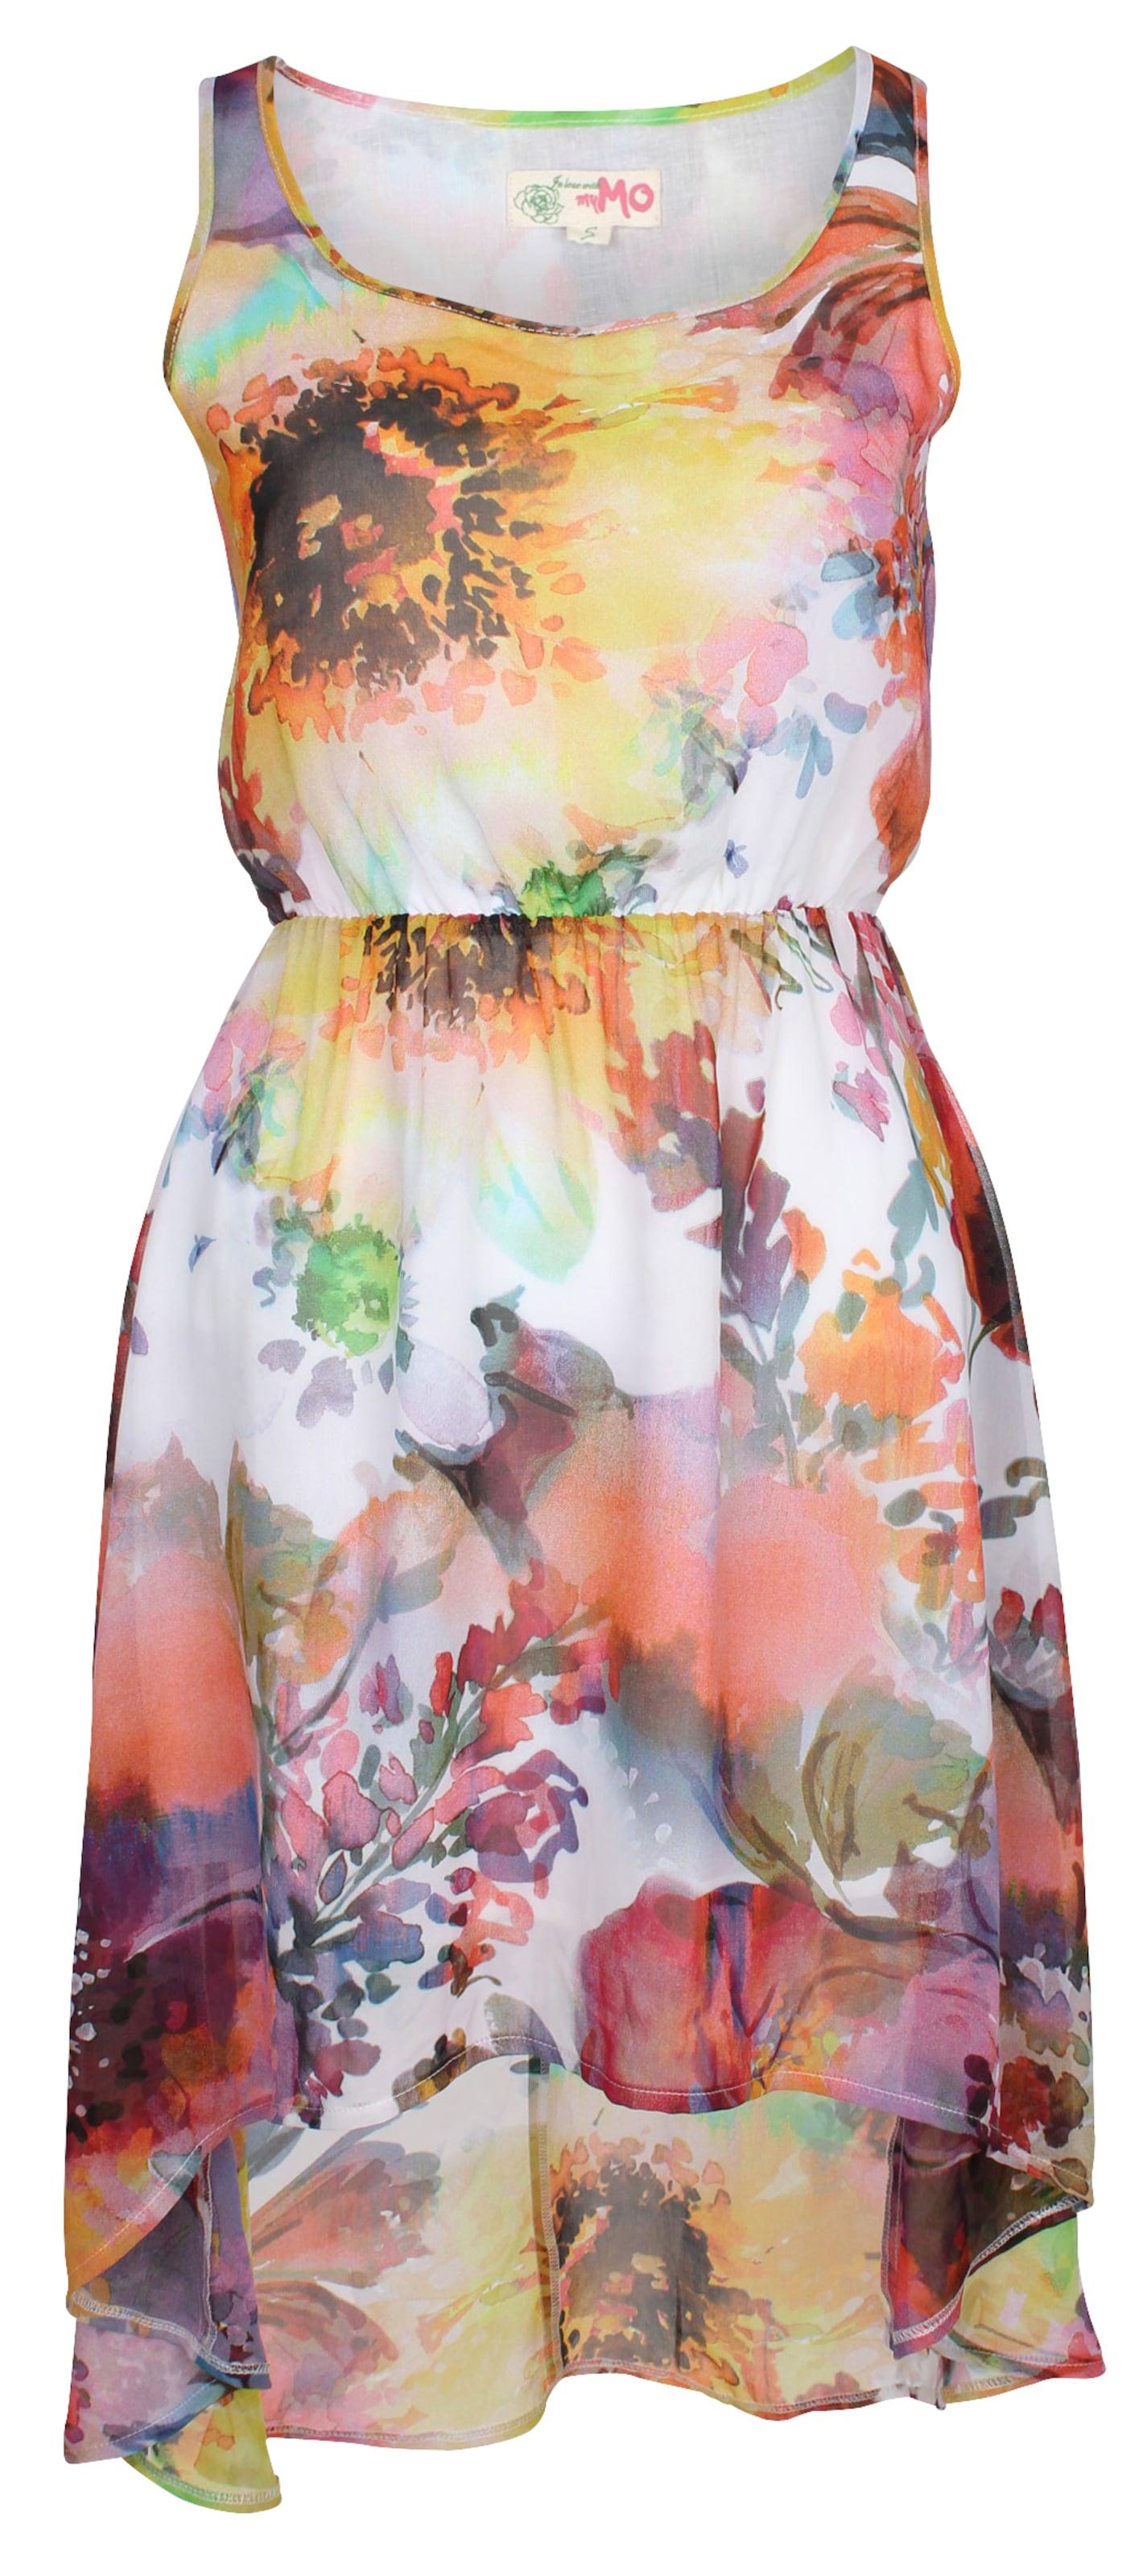 Kleid In Mymo Mischfarben In Mymo Kleid In Mischfarben Mymo In Mymo Mischfarben Kleid Kleid 7vfIb6Ygym